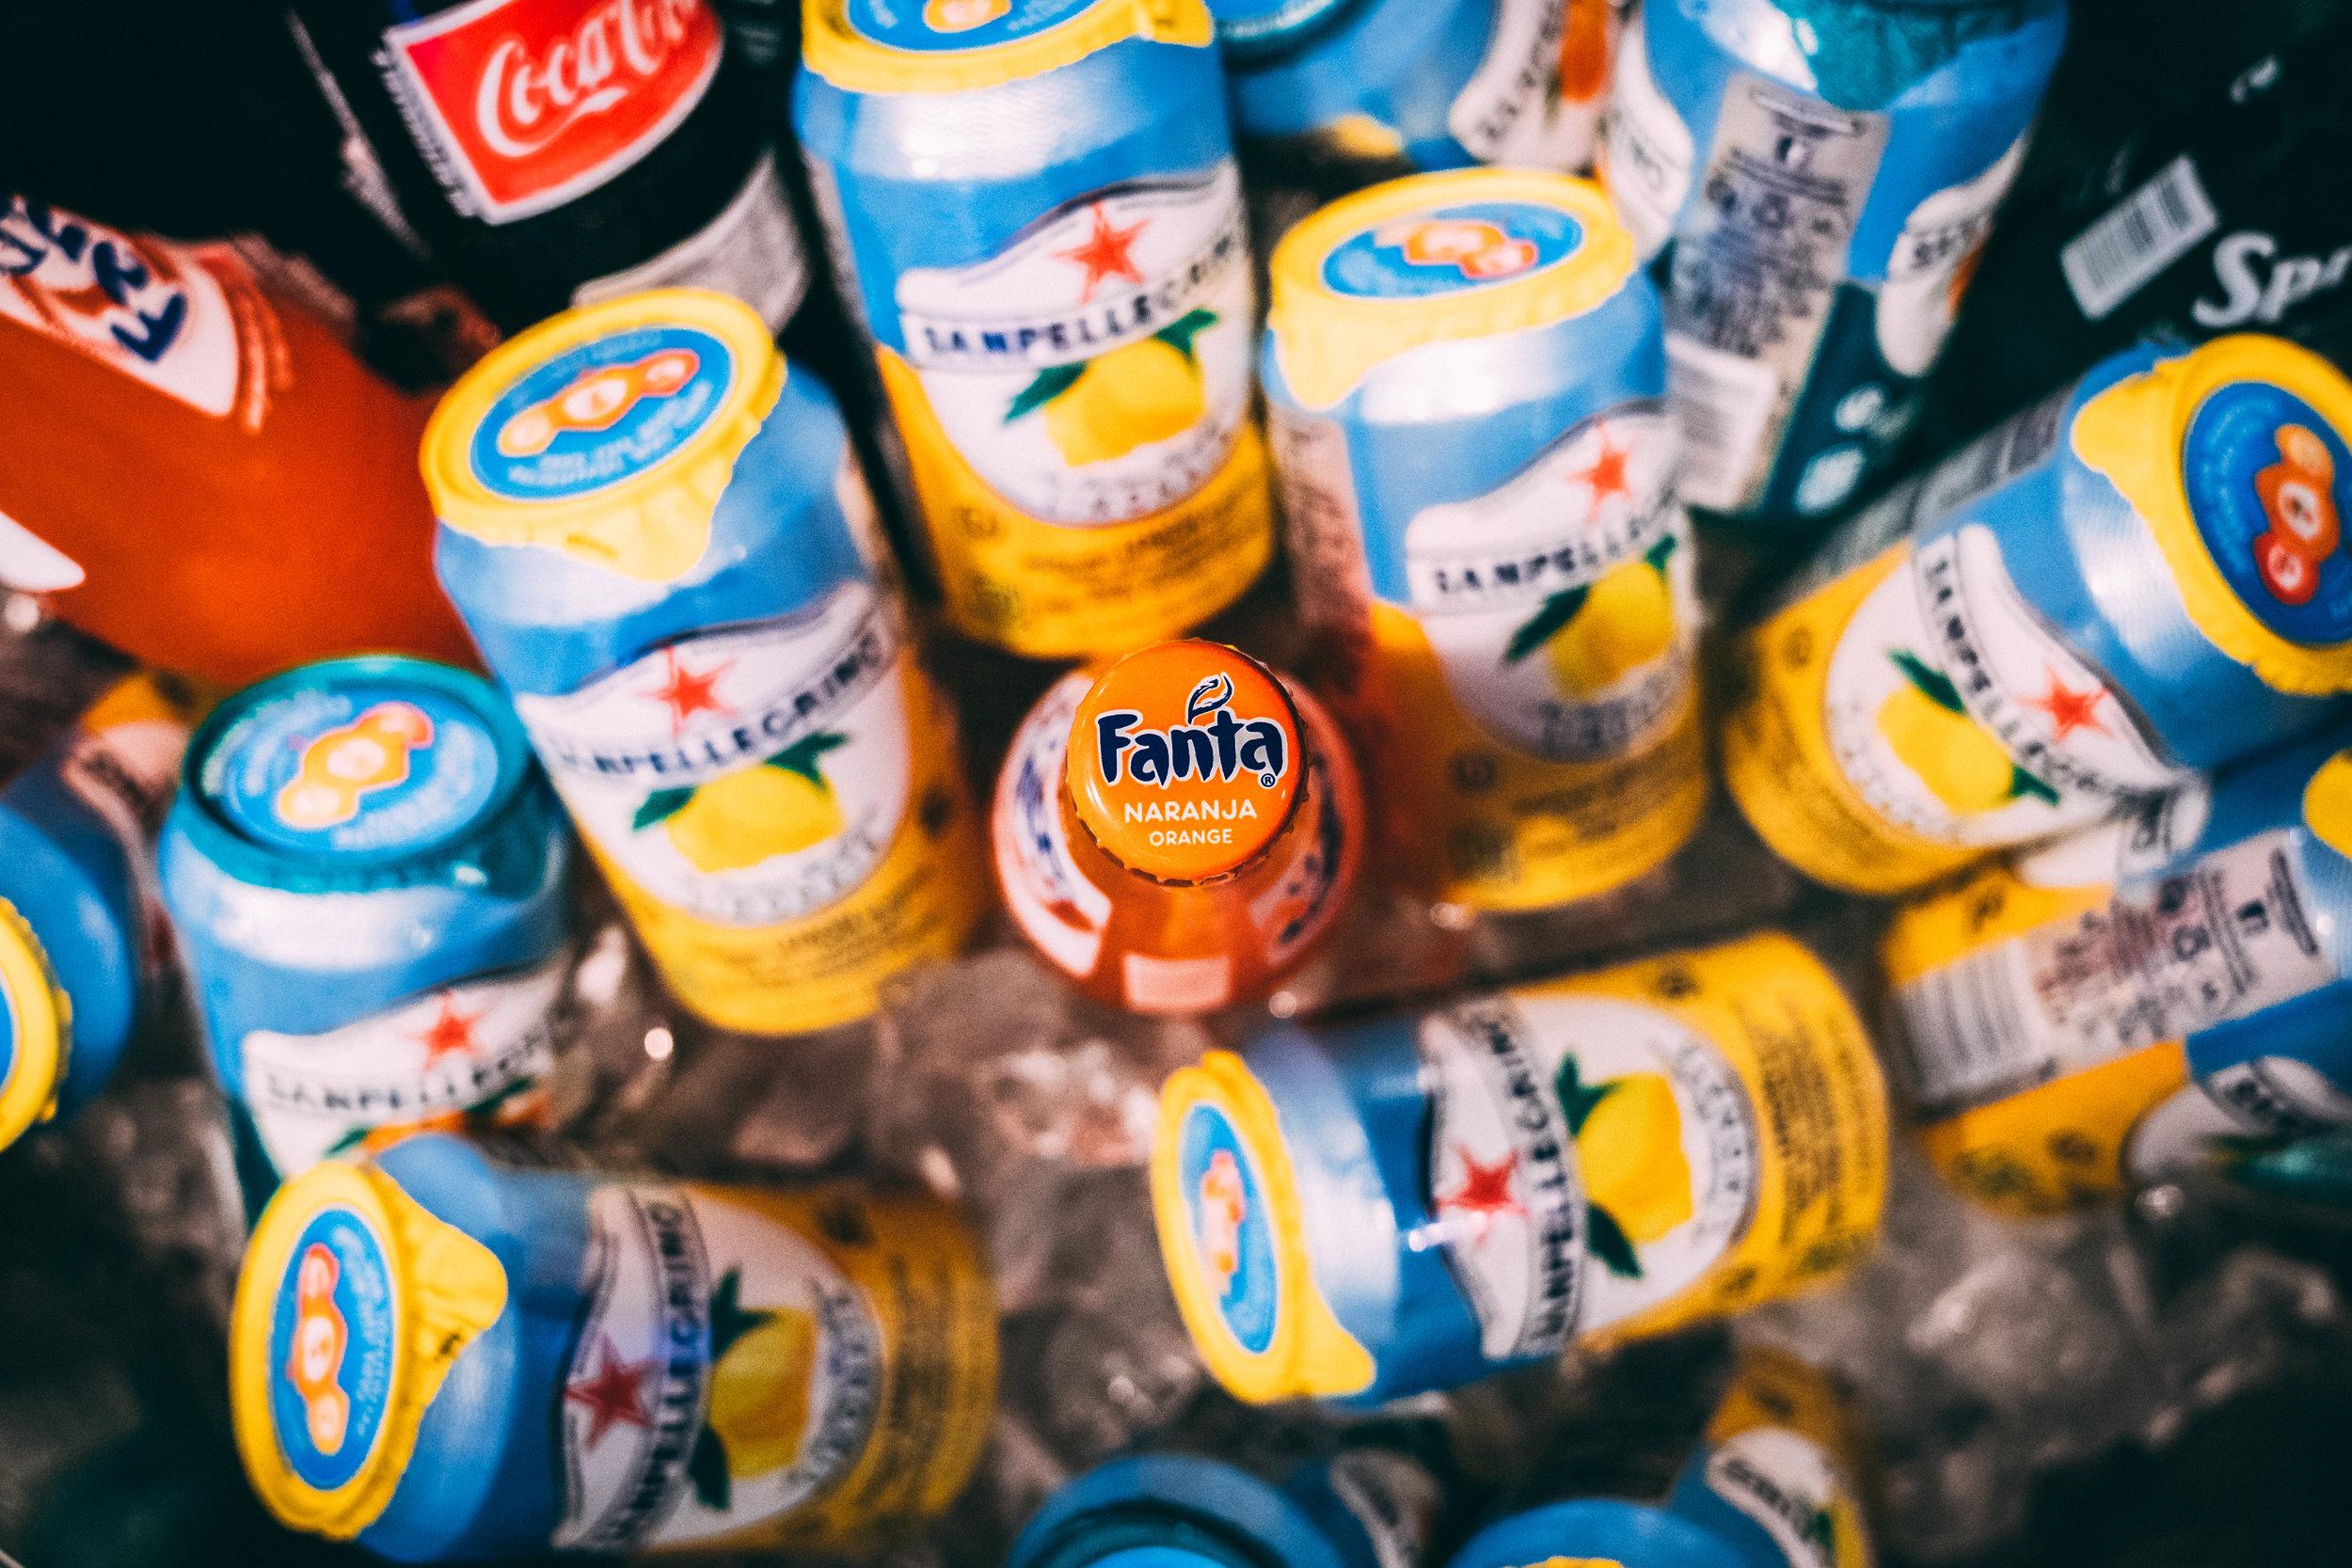 zuccheri-alimenti-bevande